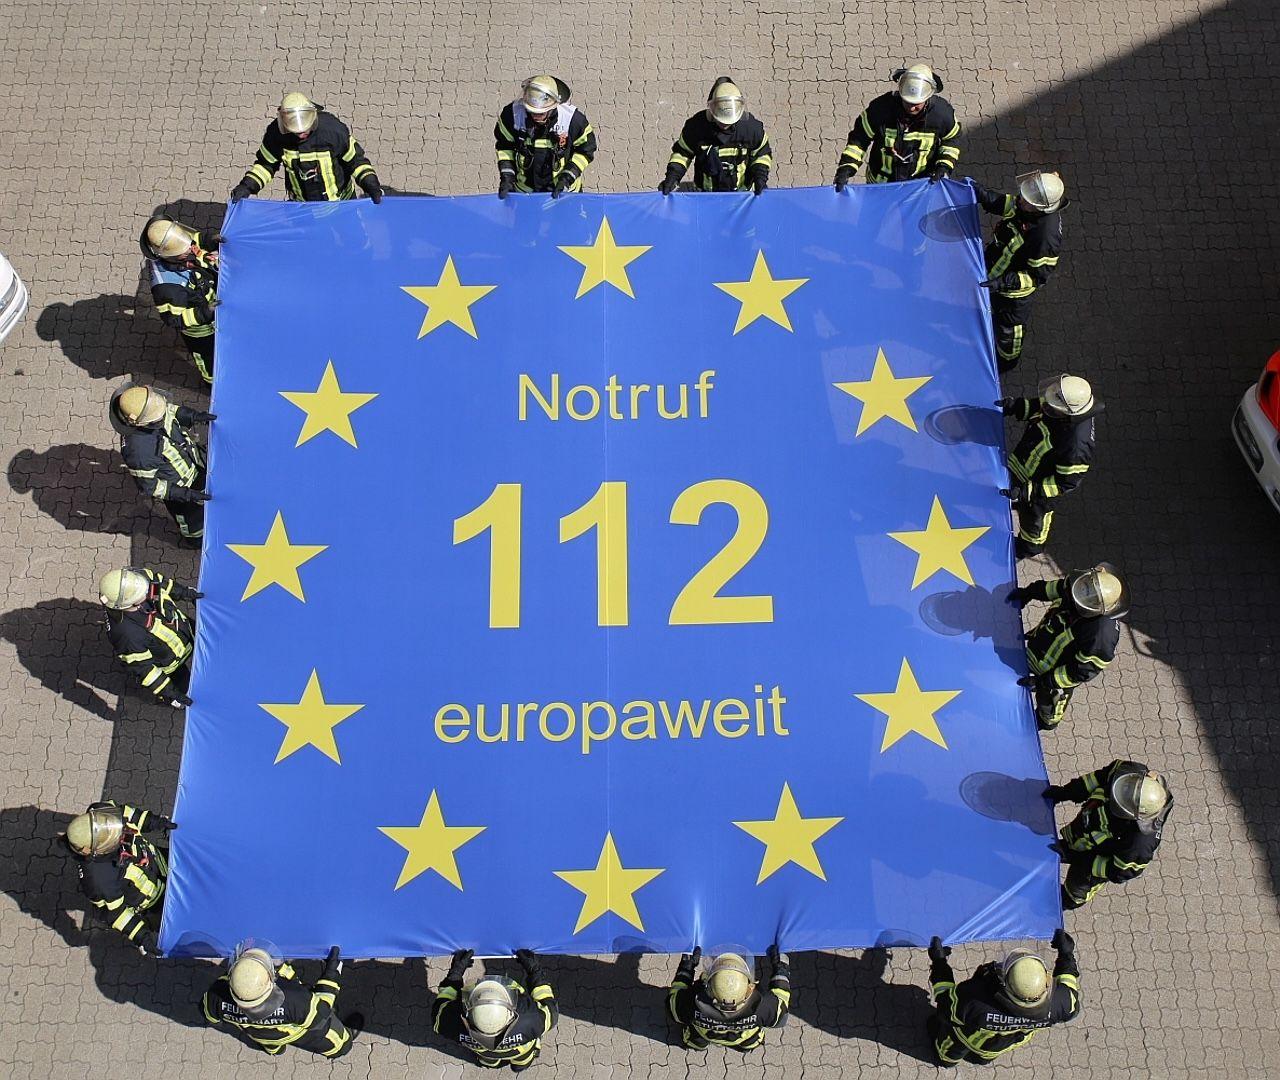 Feuerwehrleute zeigen symbolisch, dass der Euronotruf 112 Menschen europaweit auffängt. - Quelle: Europe Direct - Feuerwehr der Stadt Meschede